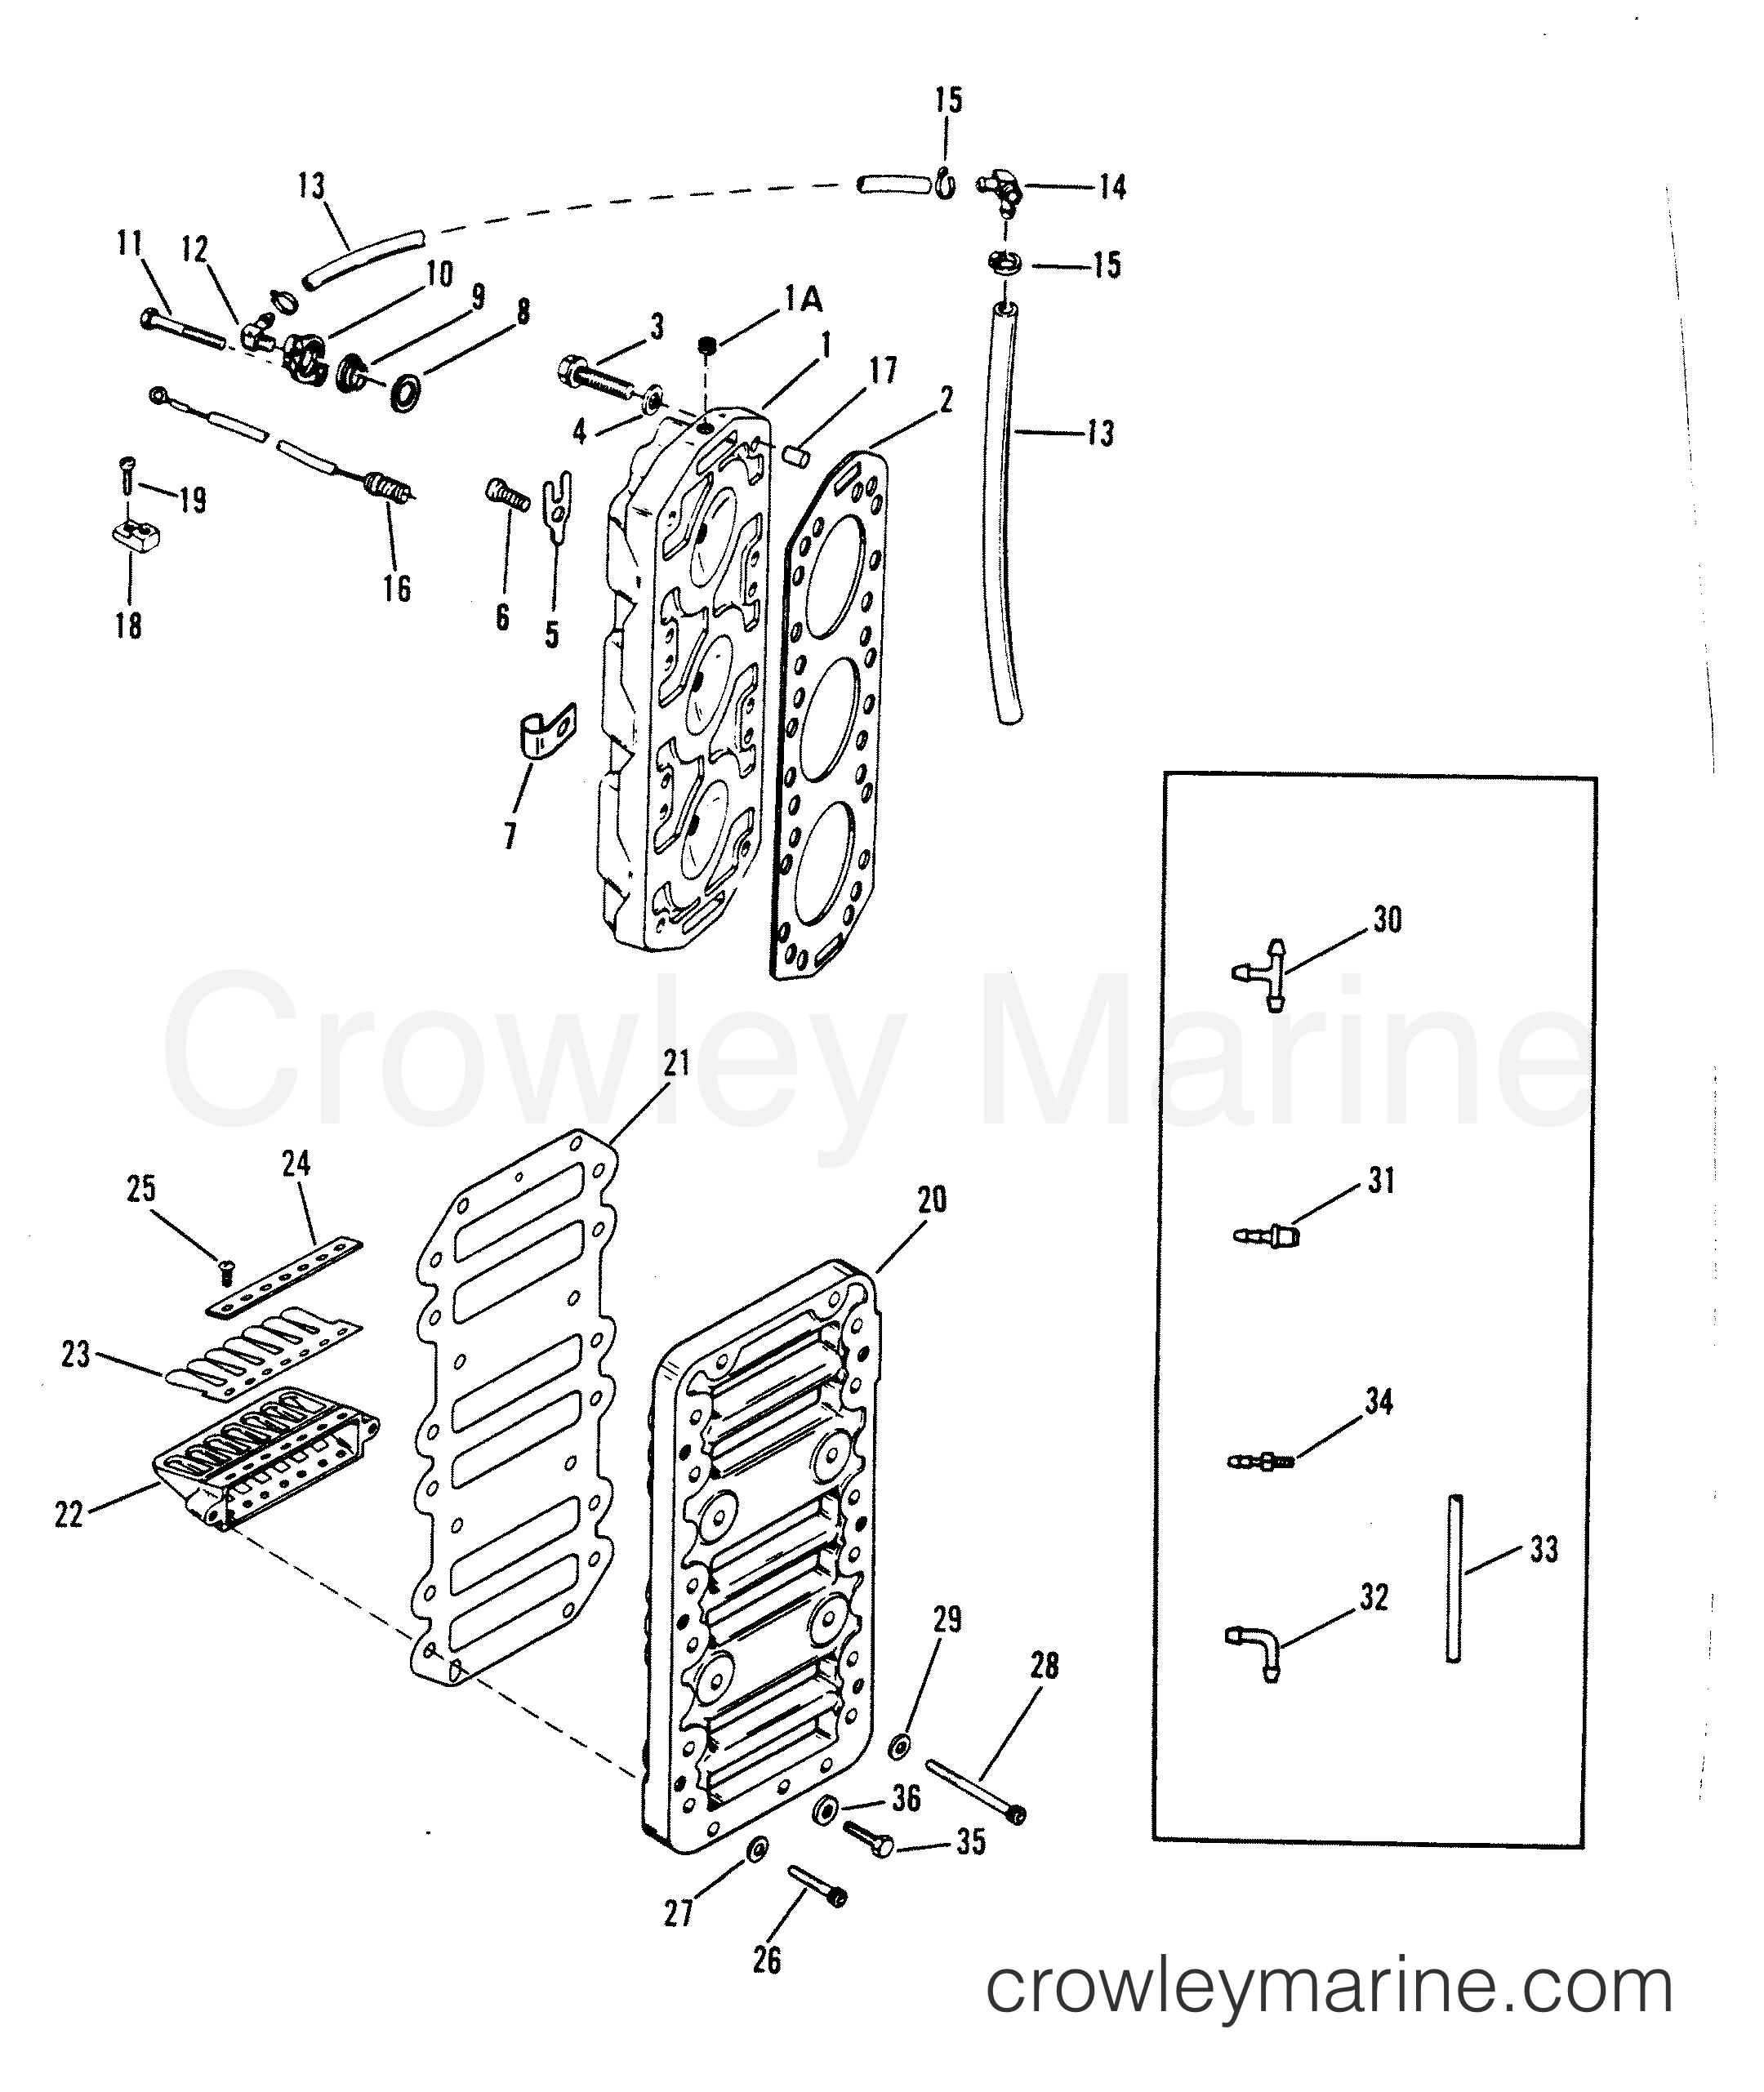 1993 Hors-bord de course Mercury 2.5 [L EFI] - 7925211BH - BLOC D'ANCHES ET CULASSE section